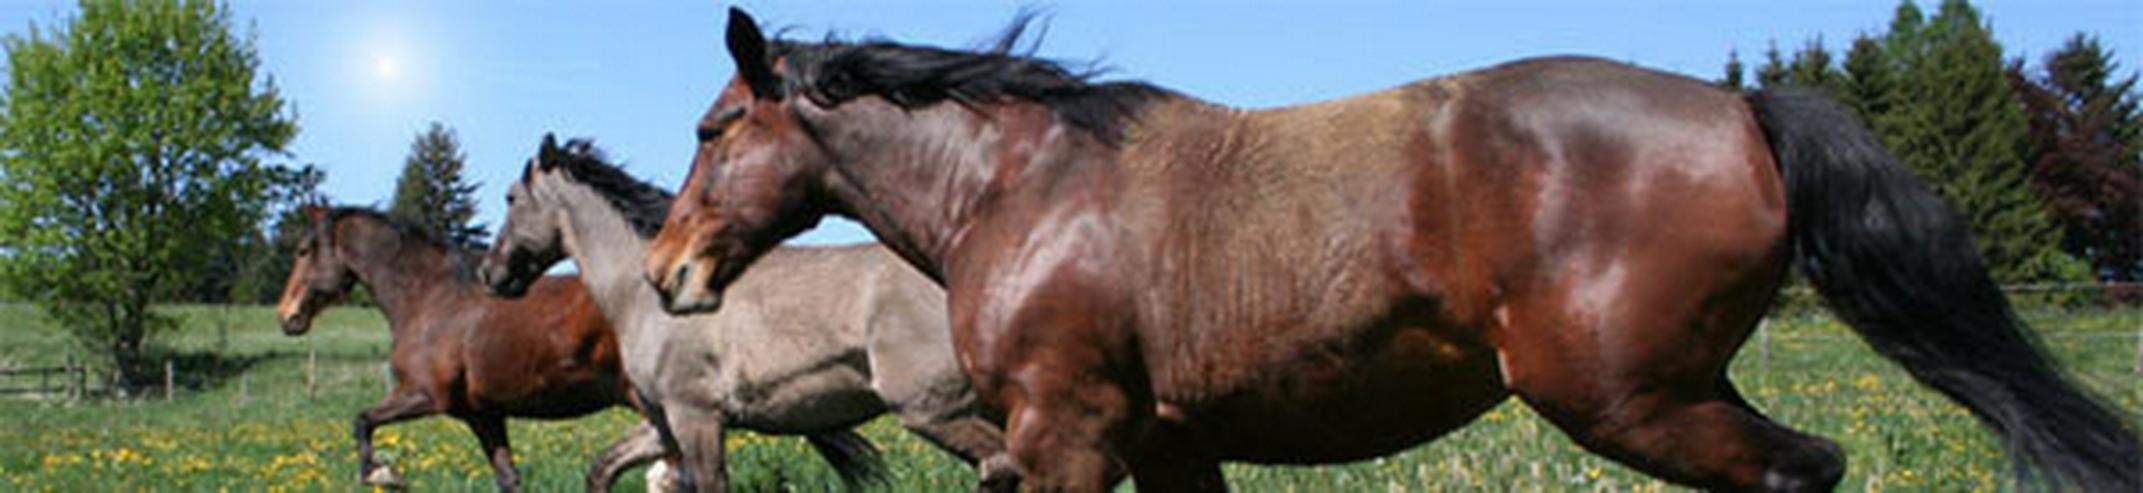 Geschenk Tipp für Pferdemenschen